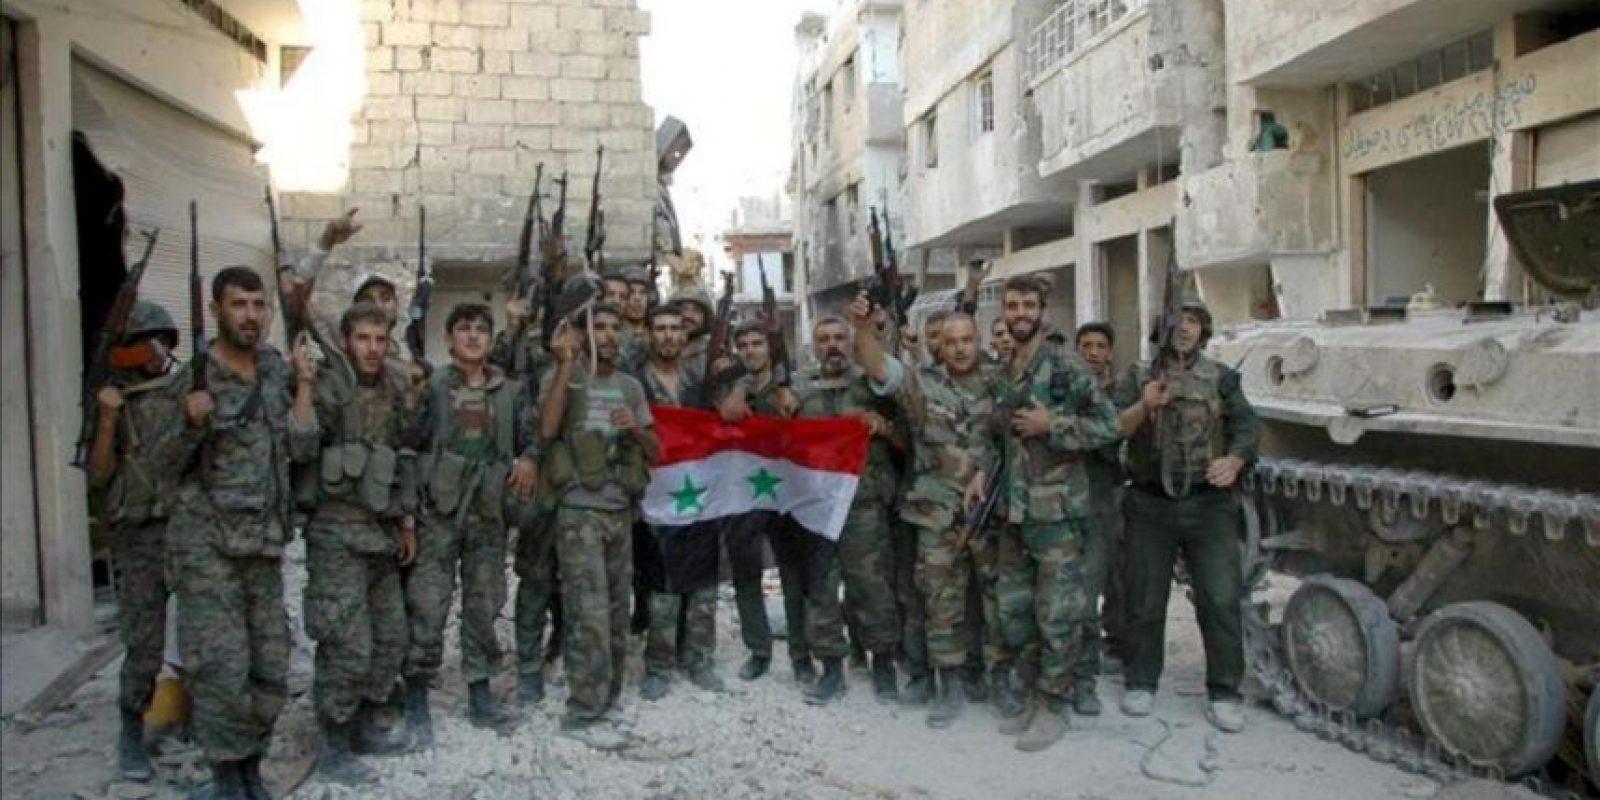 Soldados sirios posan con la bandera del país en los alrededores de al-Khalidyya, en Homs. EFE